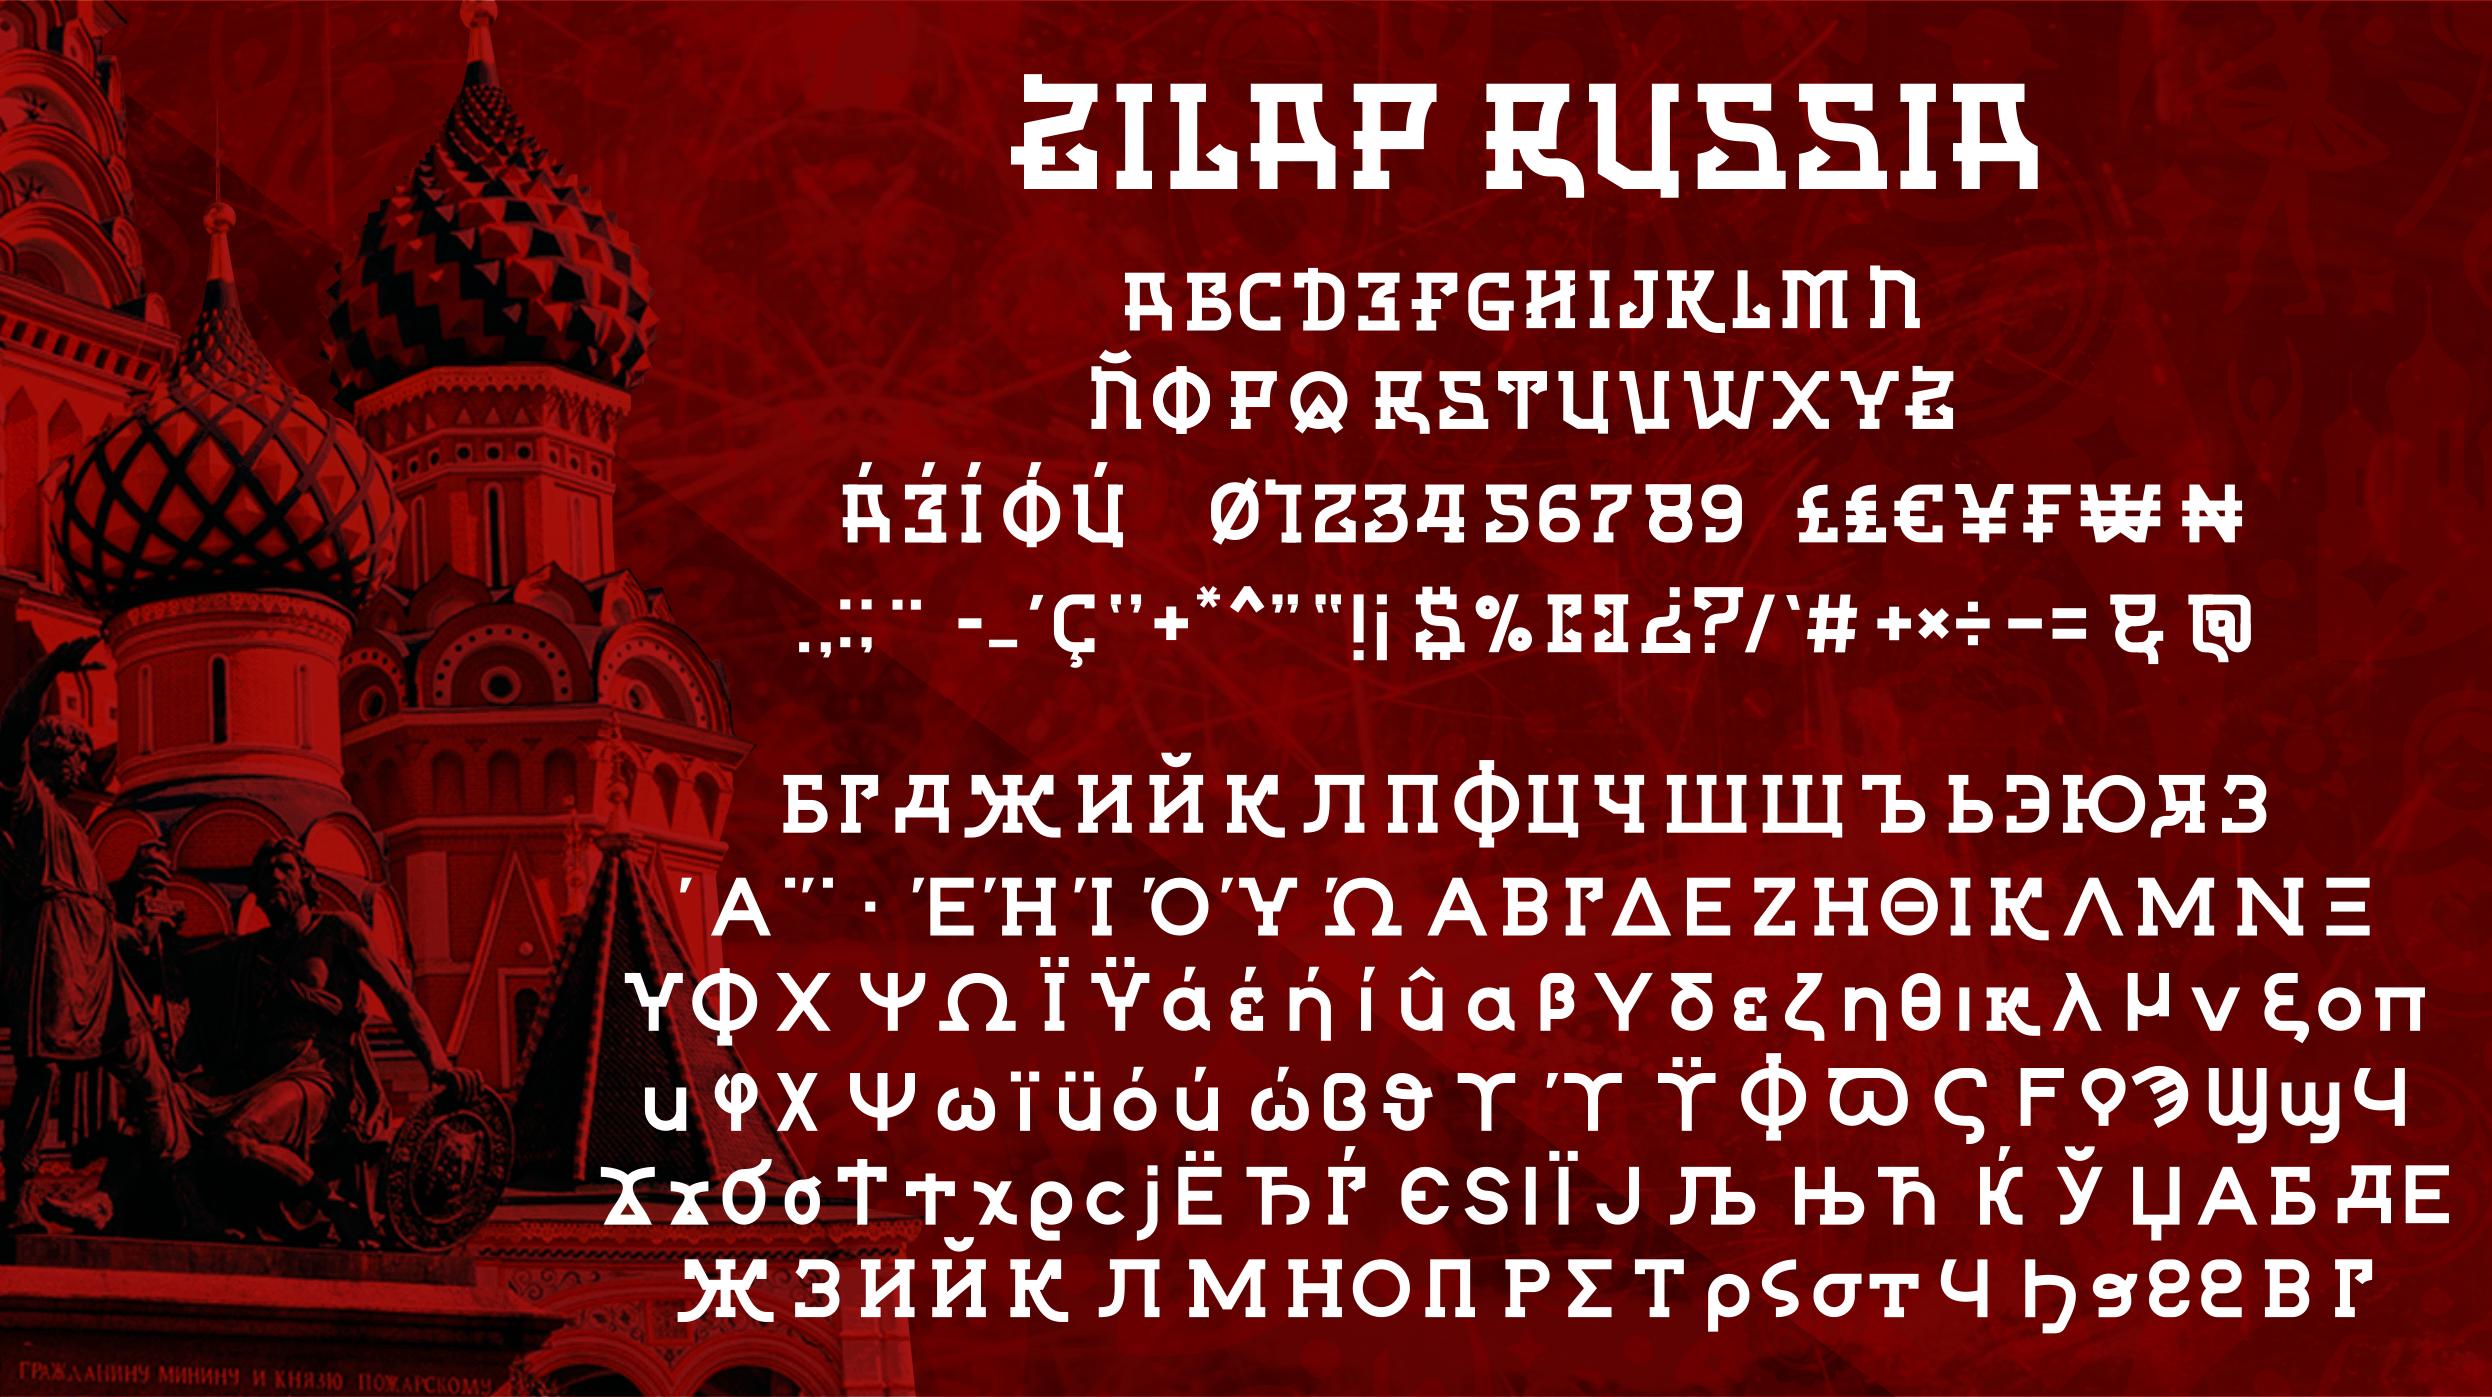 Download Zilap Russia Personal Use font | fontsme com